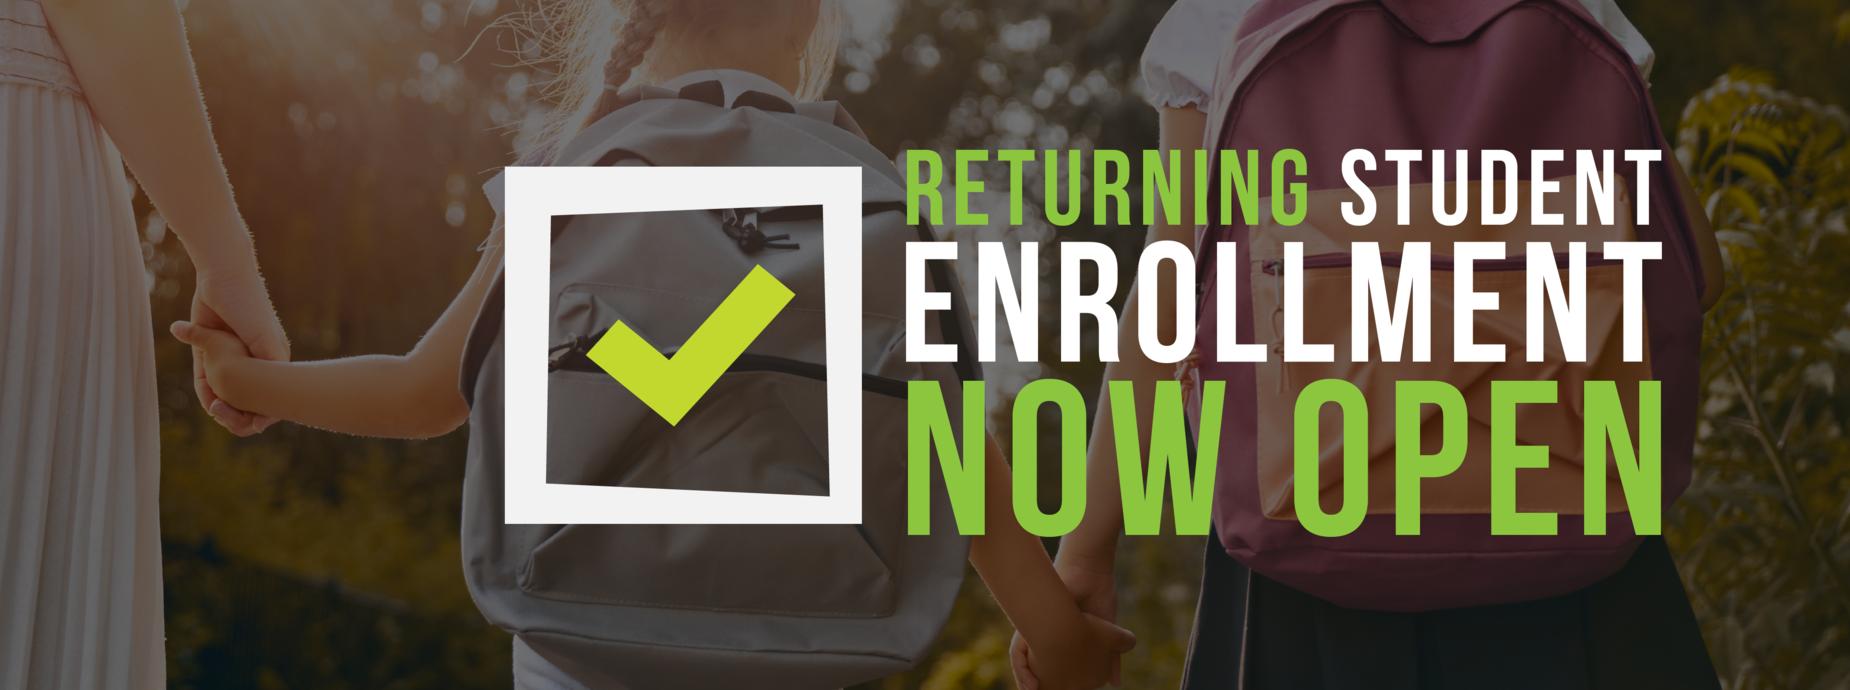 Returning Student Enrollment Now Open